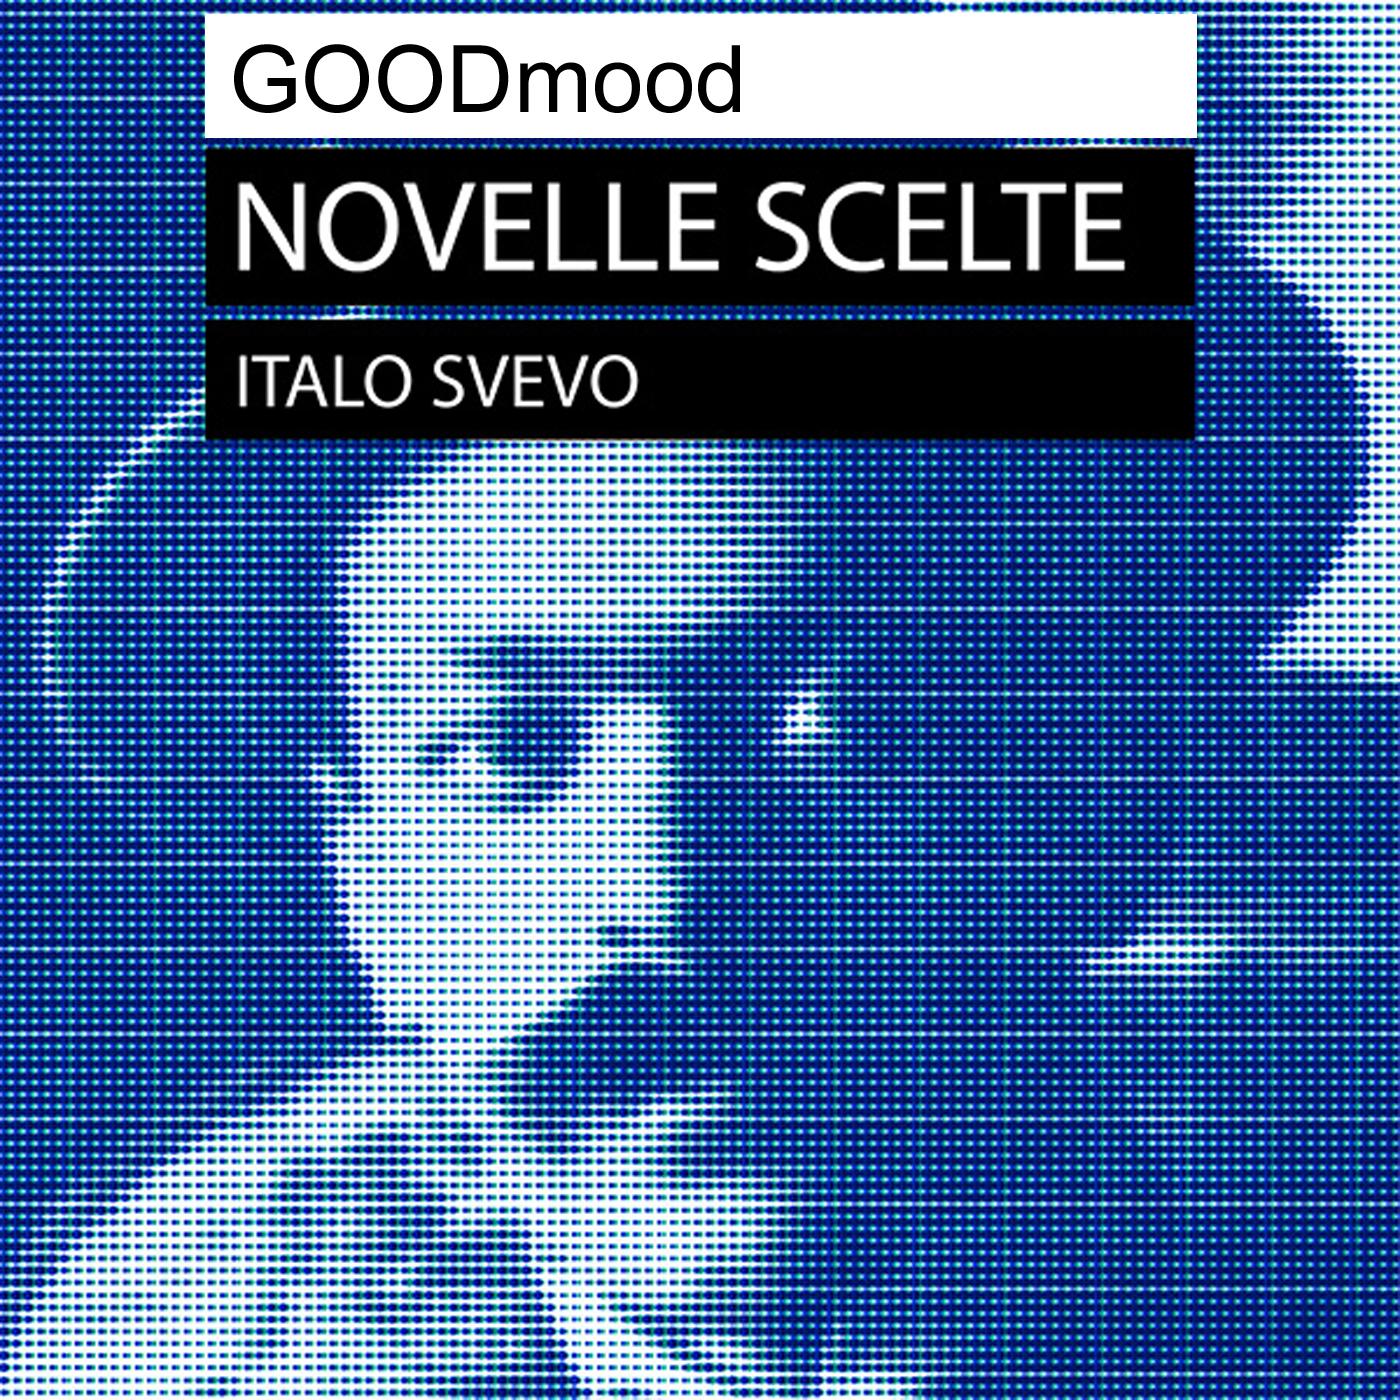 Italo Svevo: novelle scelte.-0